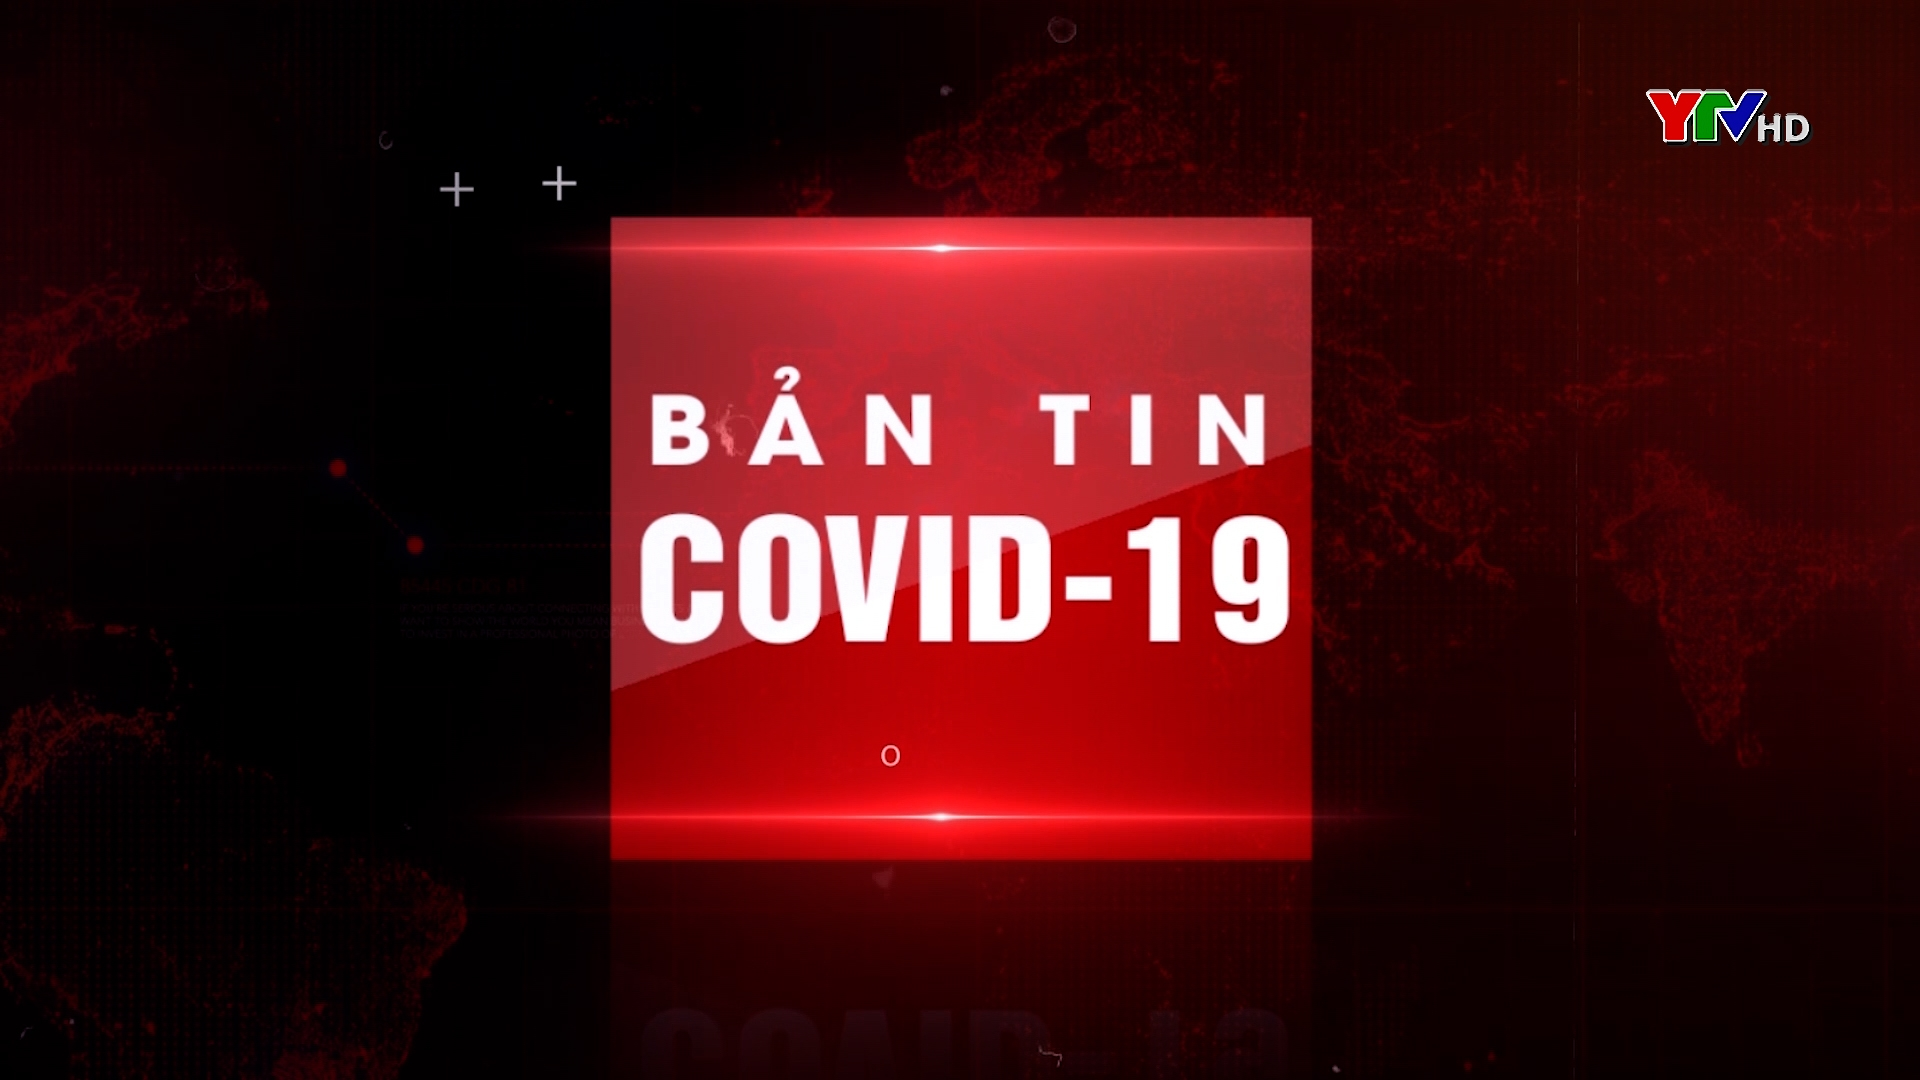 Bản tin Phòng, chống COVID-19 - Tối ngày 18/6/2021